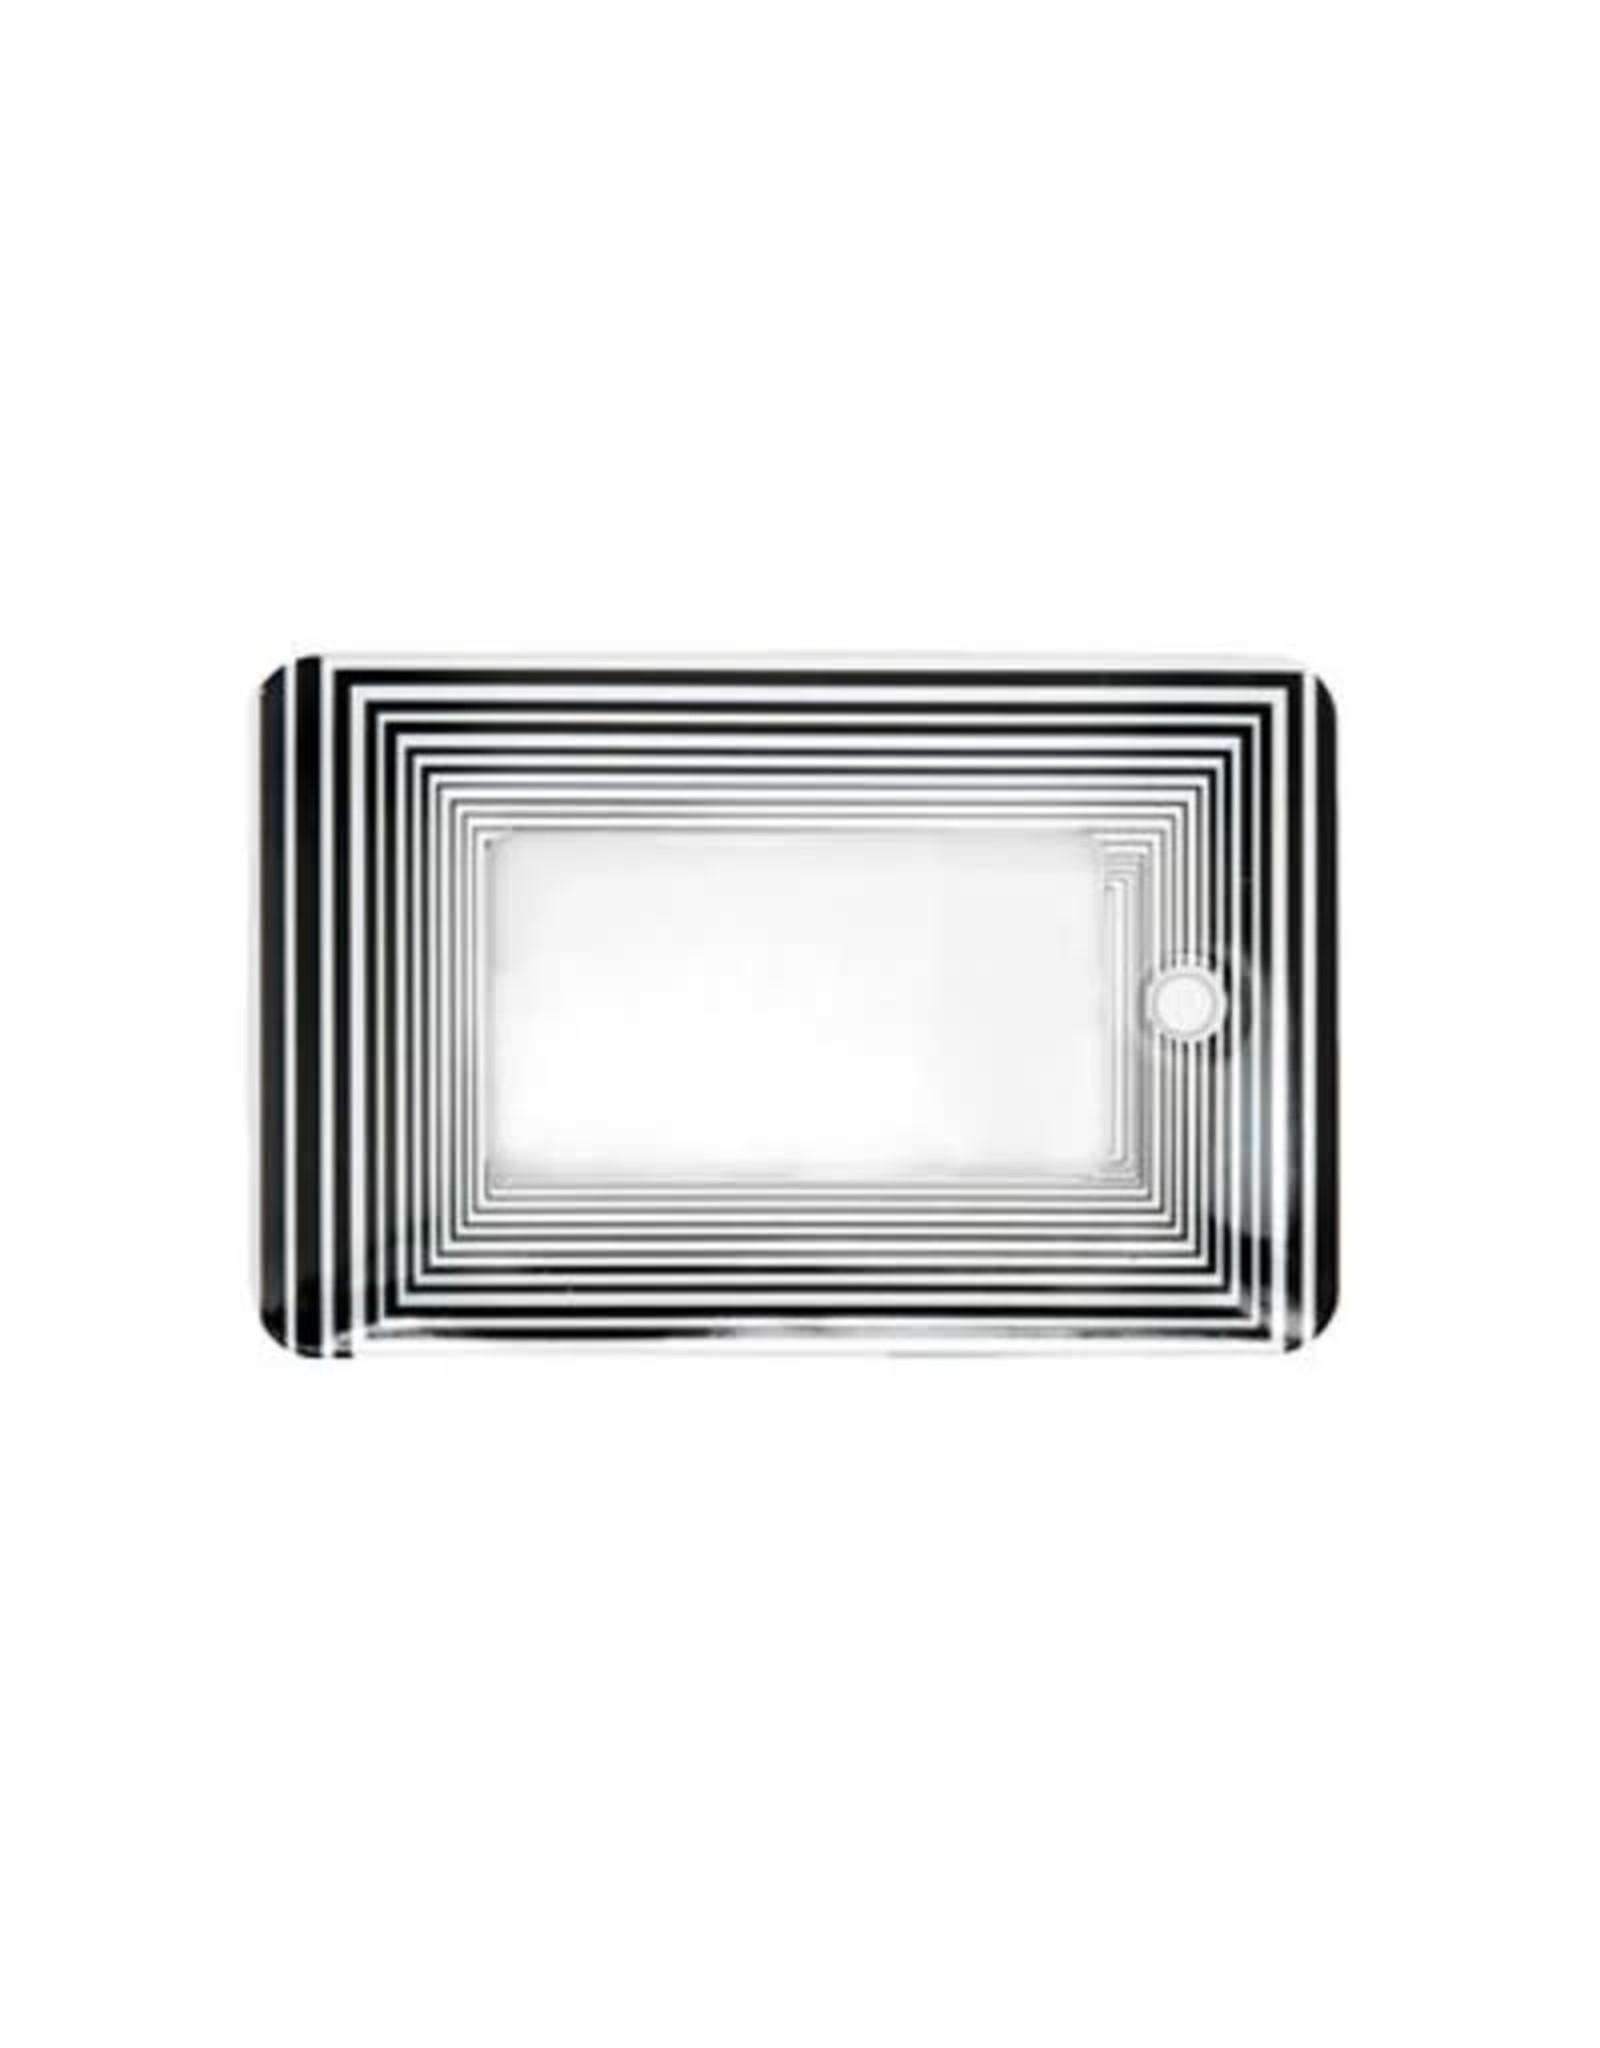 Kikkerland Light Up Magnifier